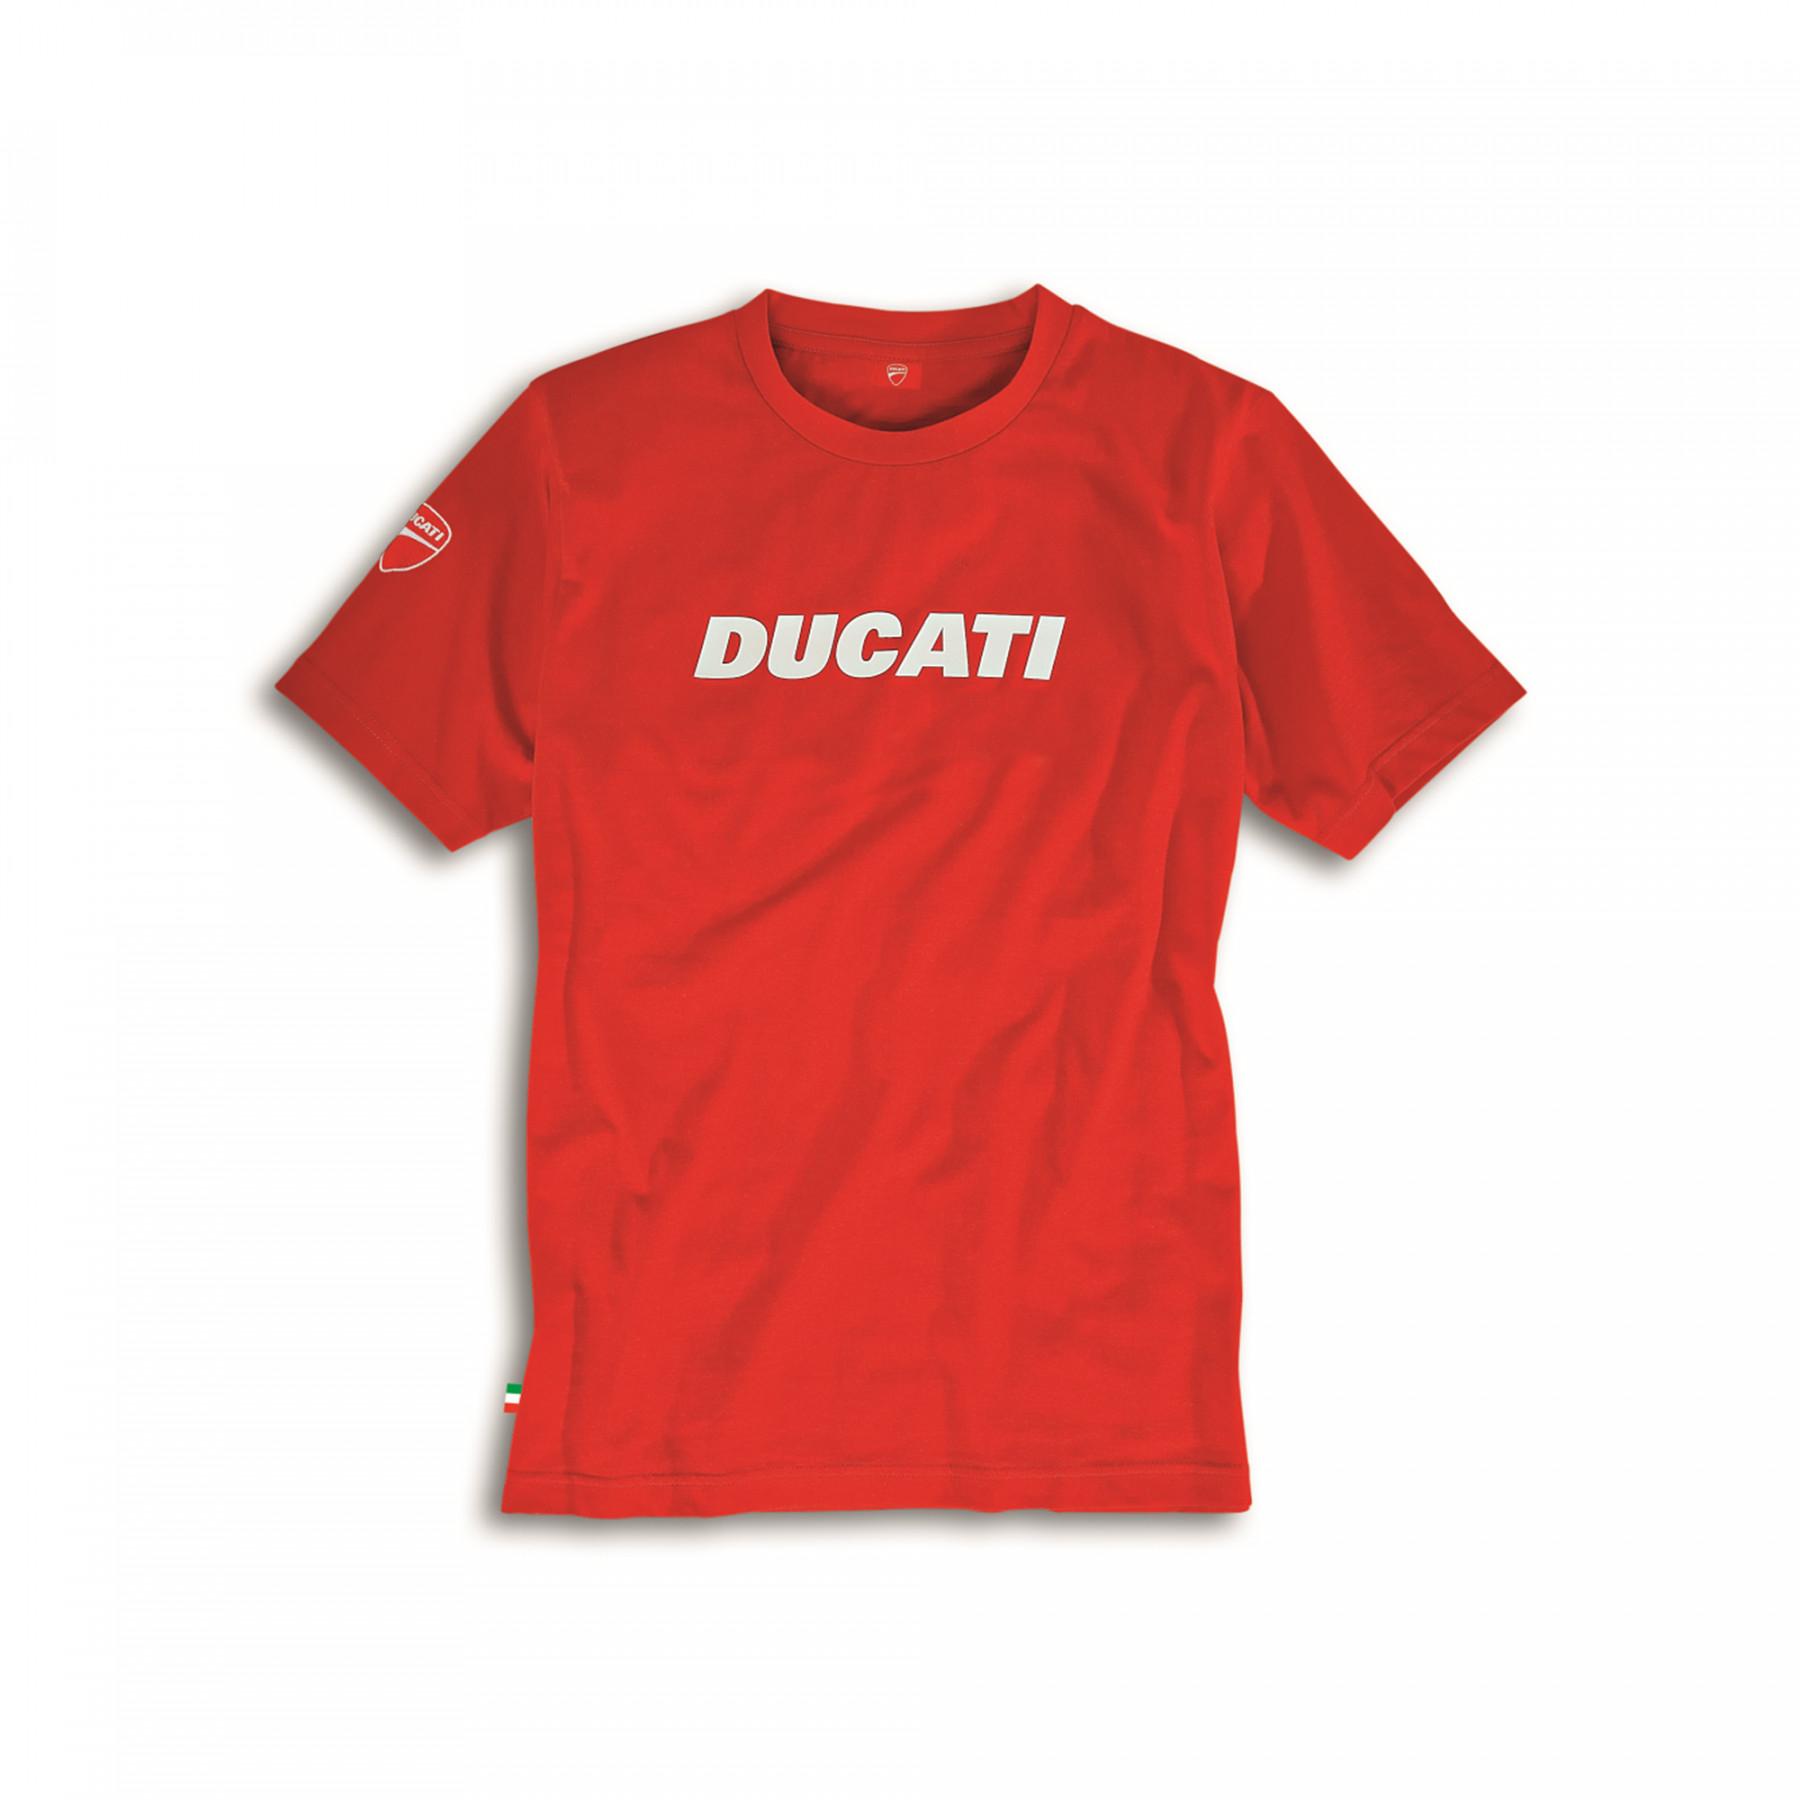 Ducati t-shirt Ducatiana 2 €23,00